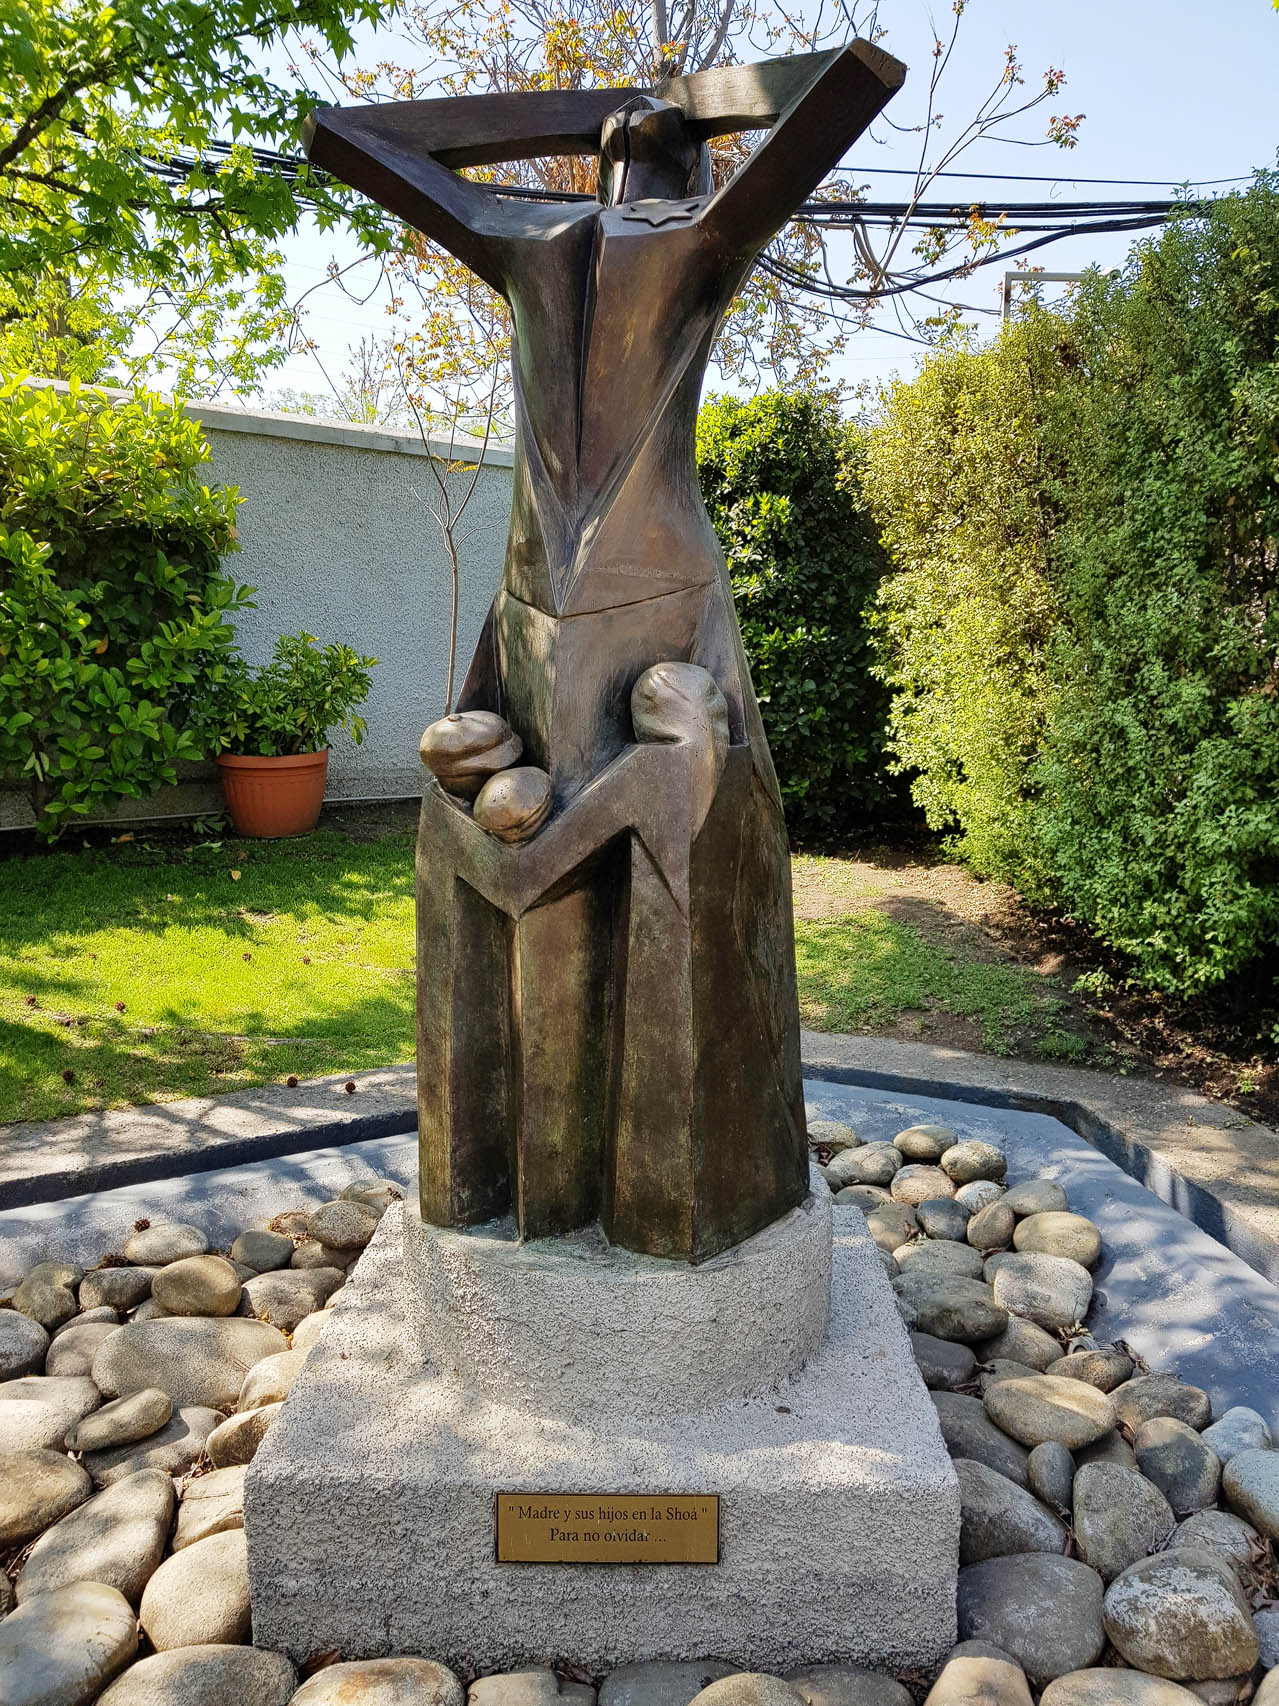 Schoa-Denkmal im Garten des WIZO ( Women's International Zionist Organization)-Hauptgebäudes in Santiago de Chile